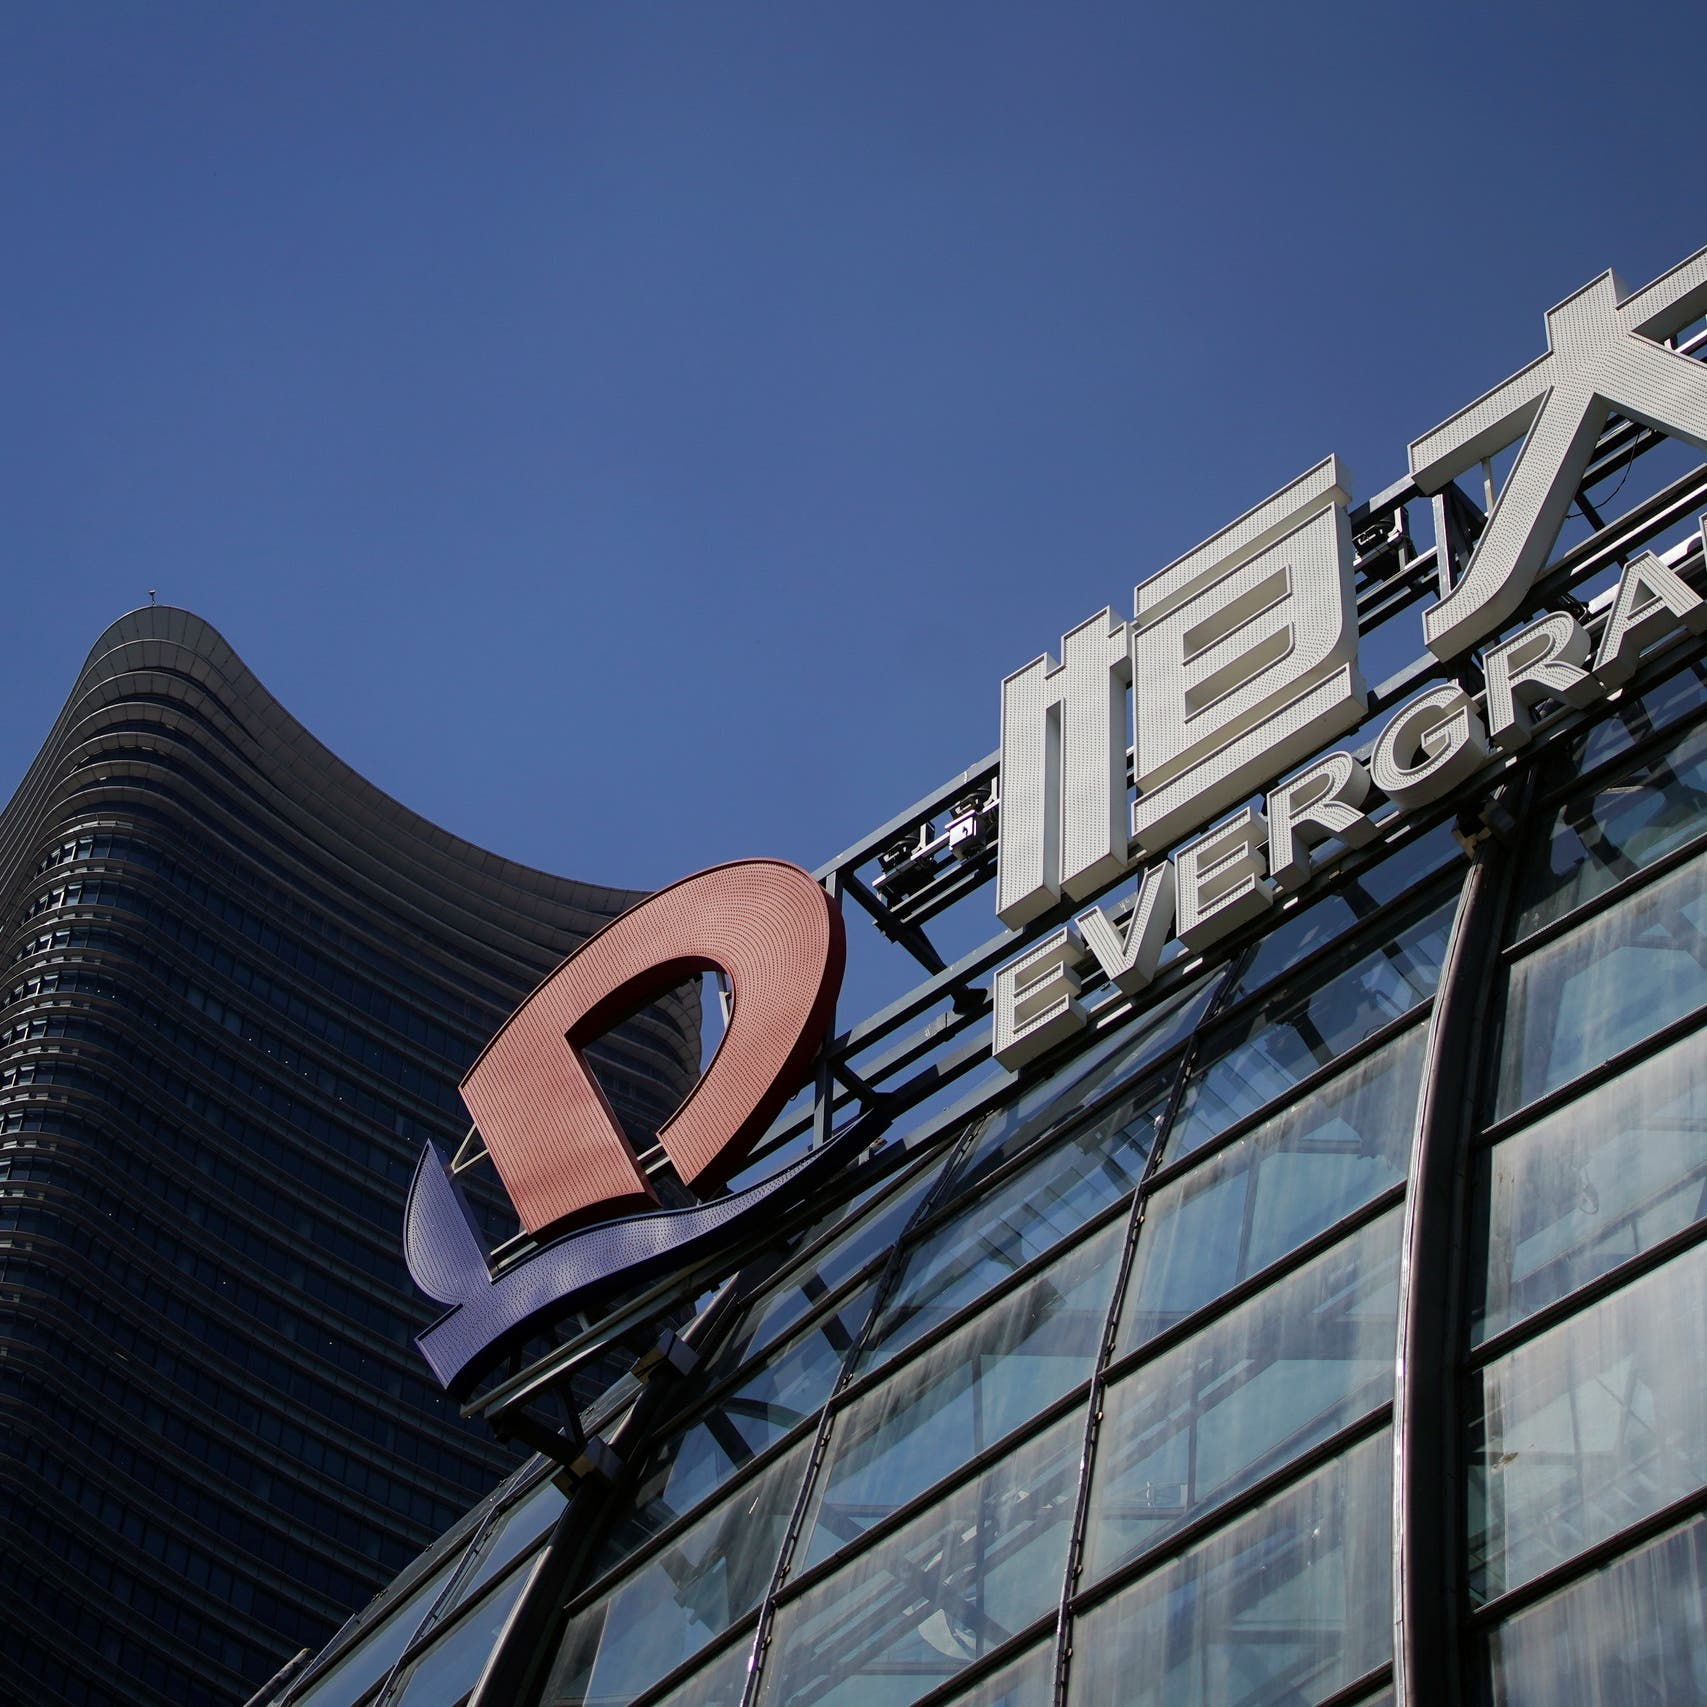 """تعليق تداول أسهم """"إيفرغراند"""" الصينية في بورصة هونغ كونغ"""